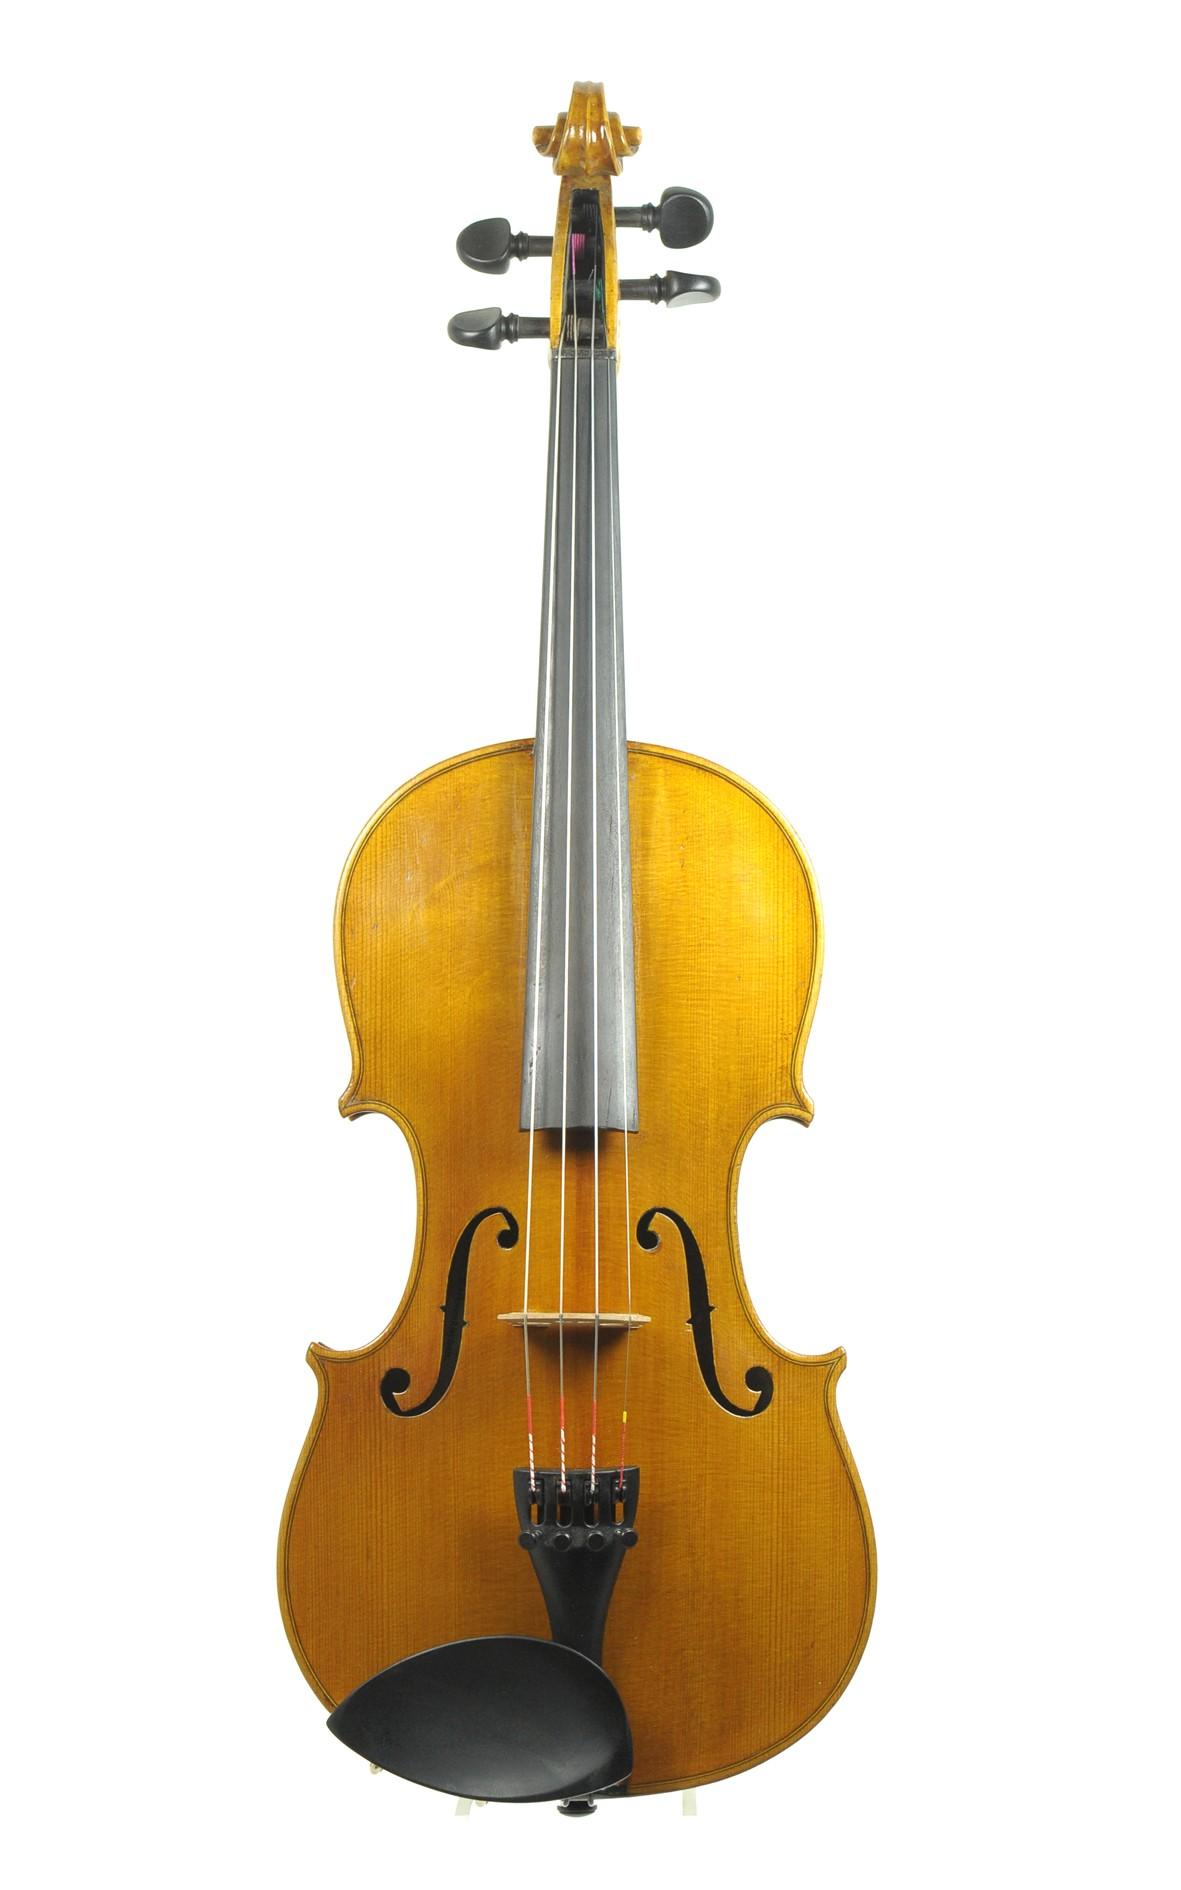 Old violin of Markneukirchen, Wilhelm Kruse